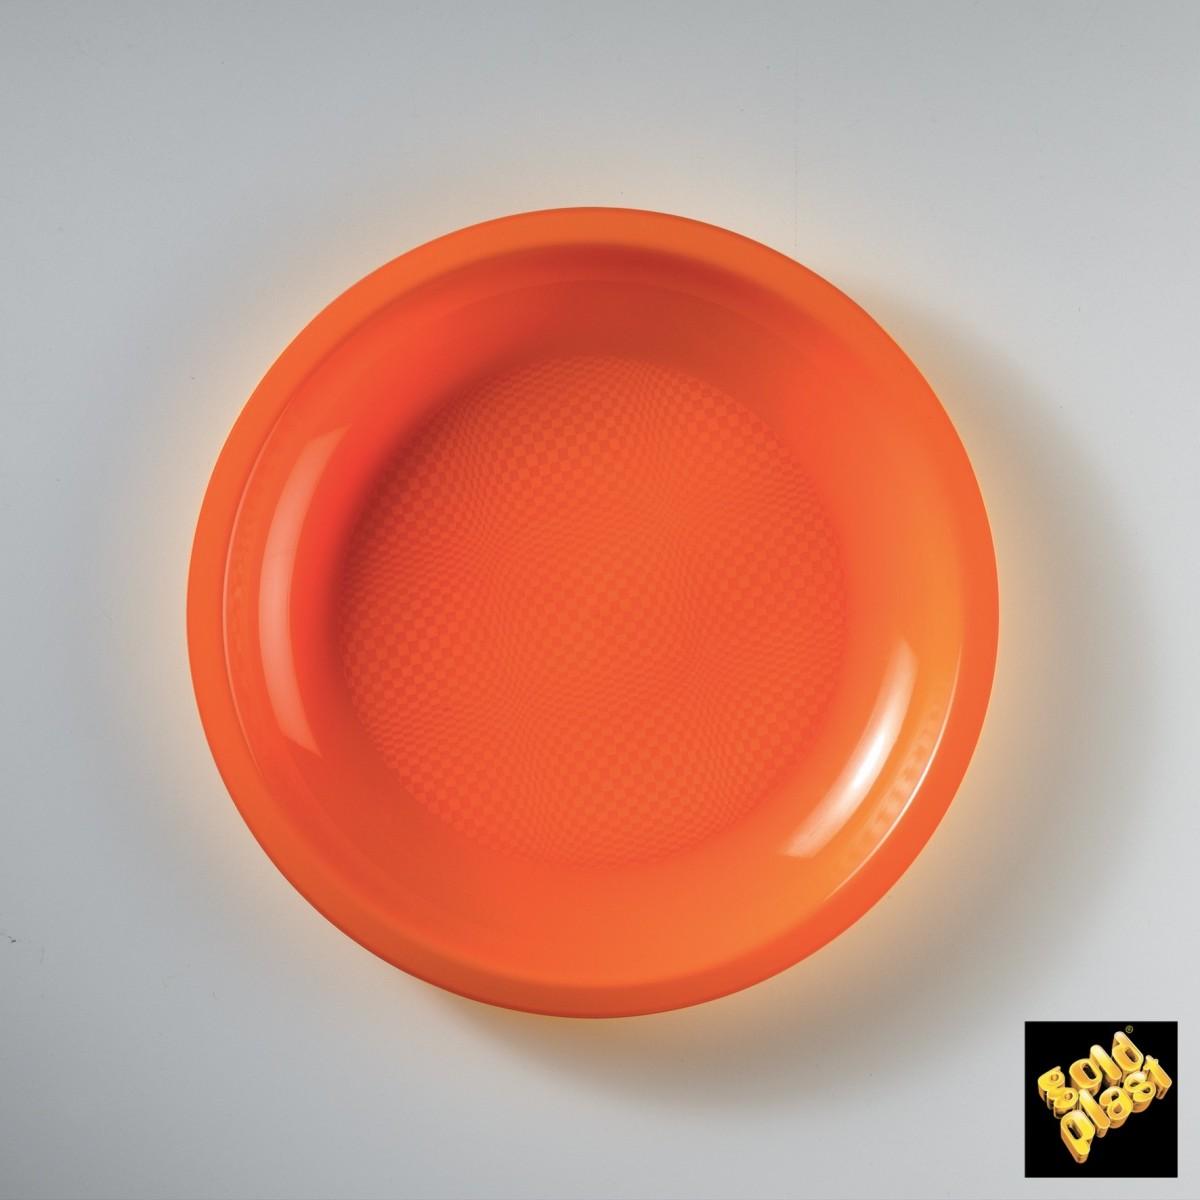 Piatto da Dessert in Plastica Colorato Diam. Cm.18,5 Confezione 50 Pezzi Arancio